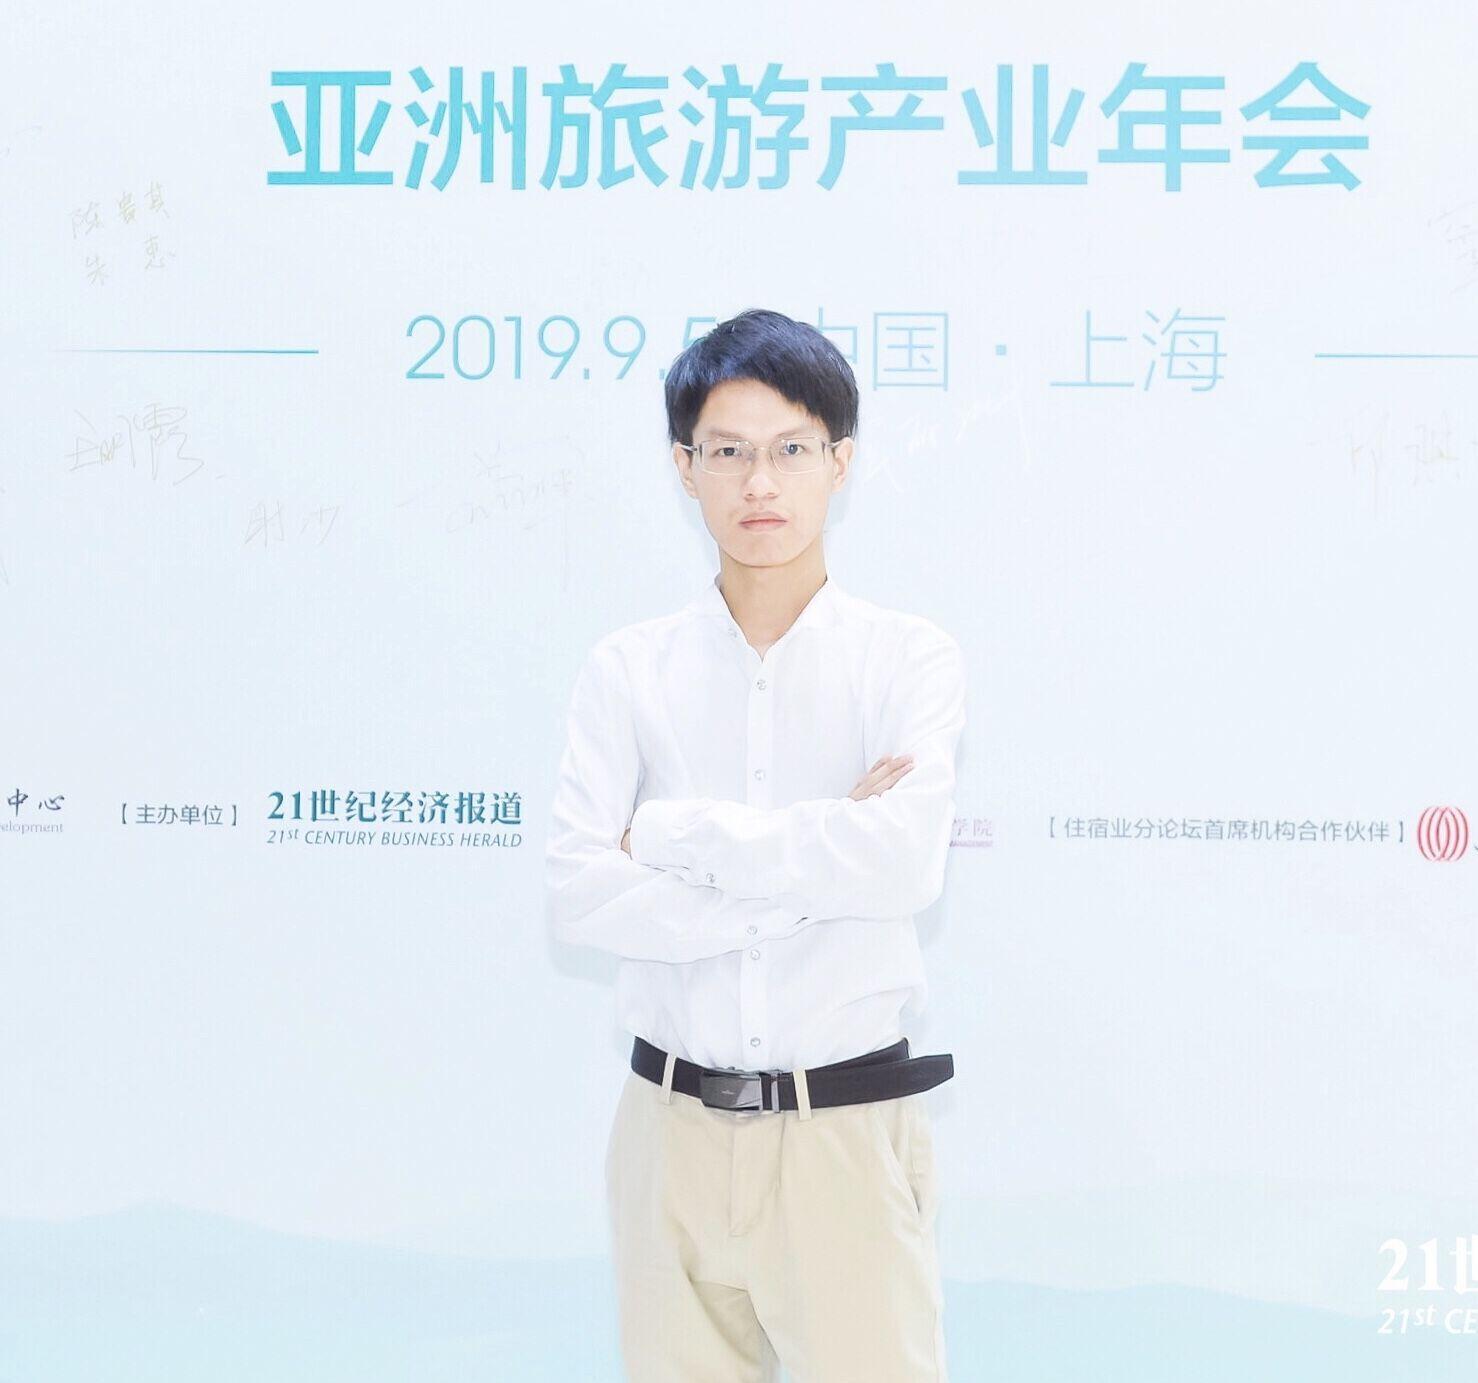 中国正能量ceoalan高度赞扬的新生代艺人艾微微最新时尚美图出炉图片